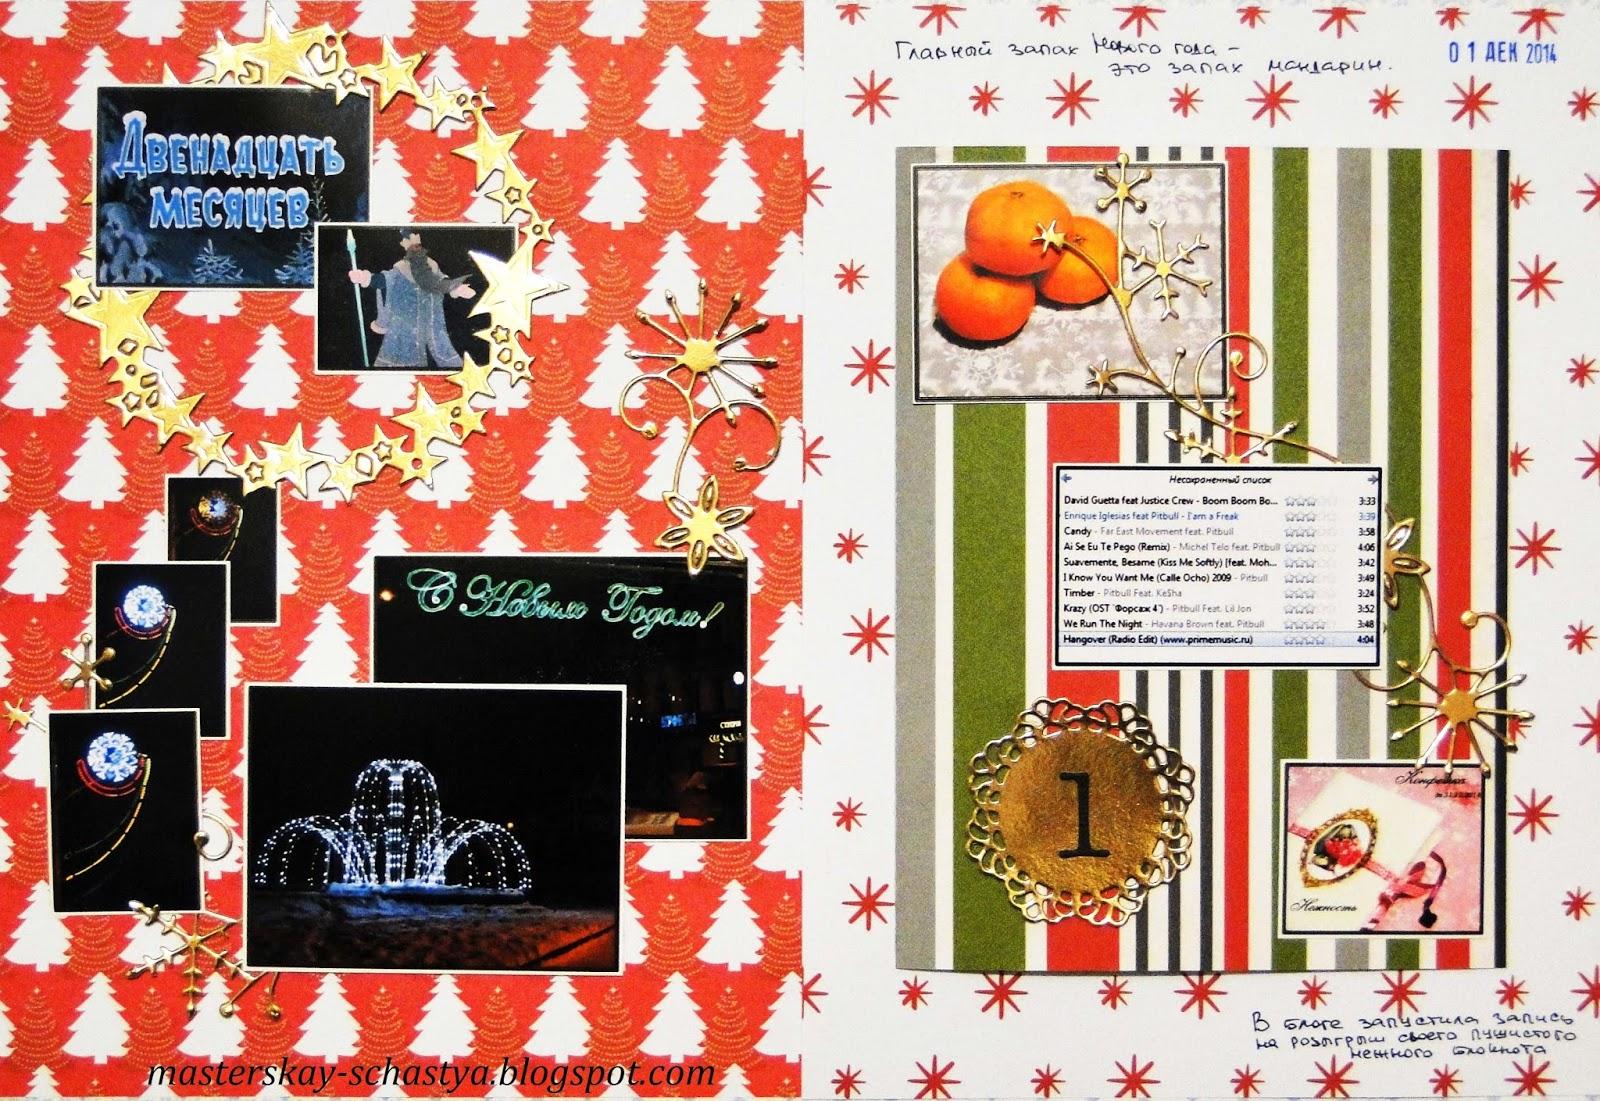 http://masterskay-schastya.blogspot.com/2014/12/december-daily-2014-1.html